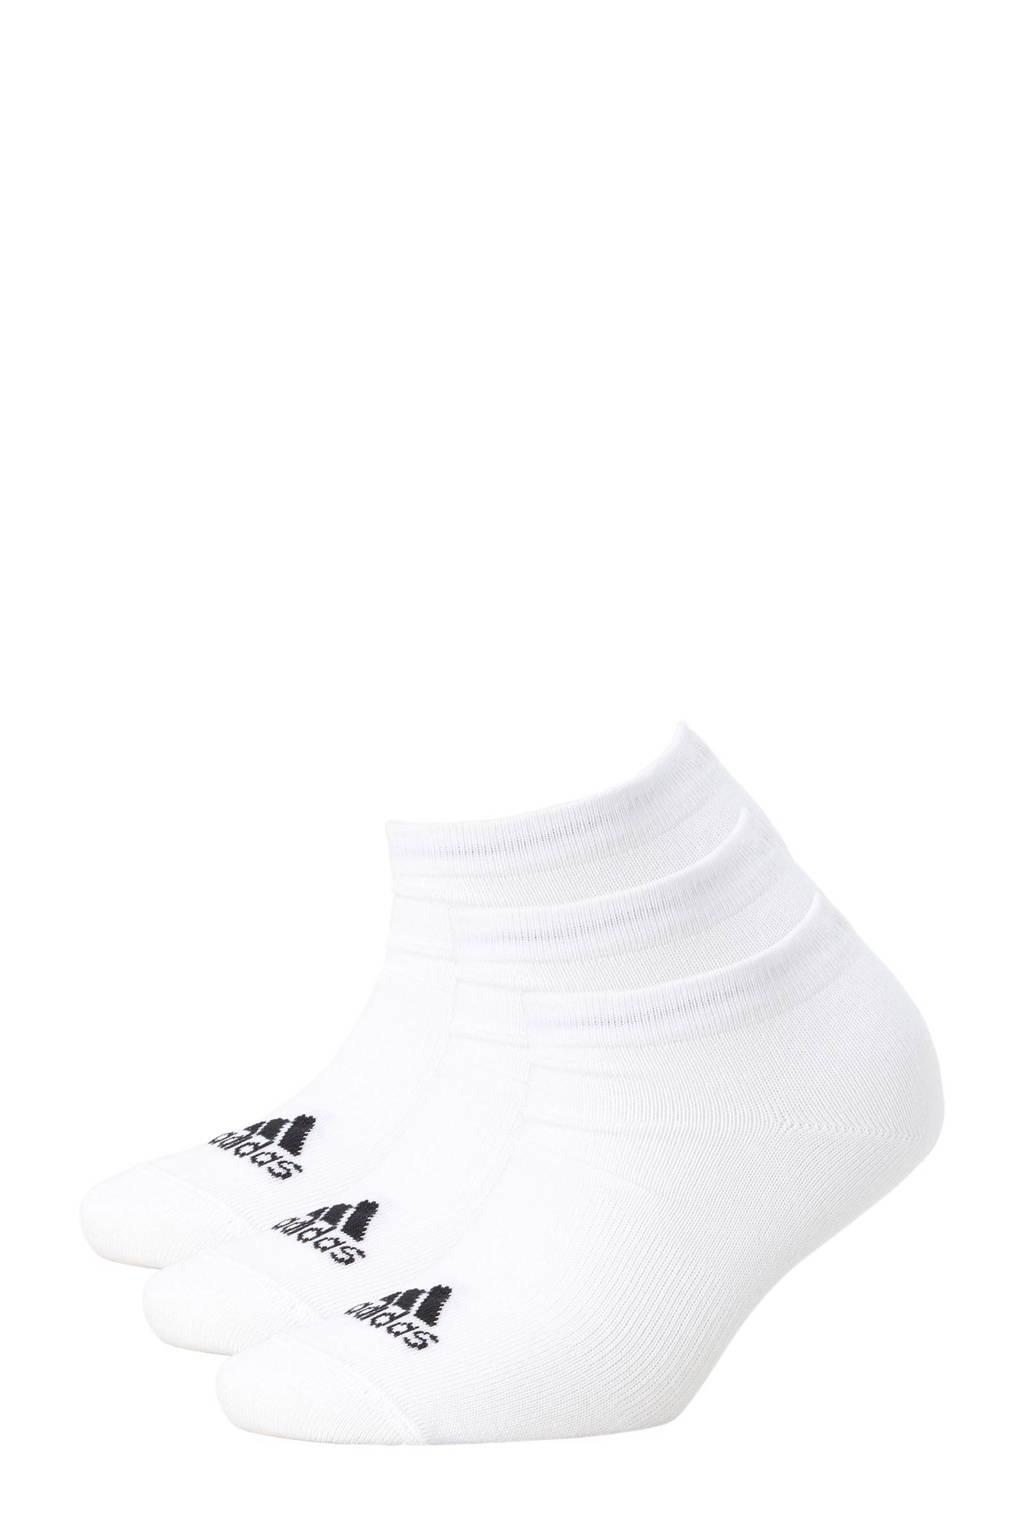 adidas performance sneakersokken, wit/ zwart